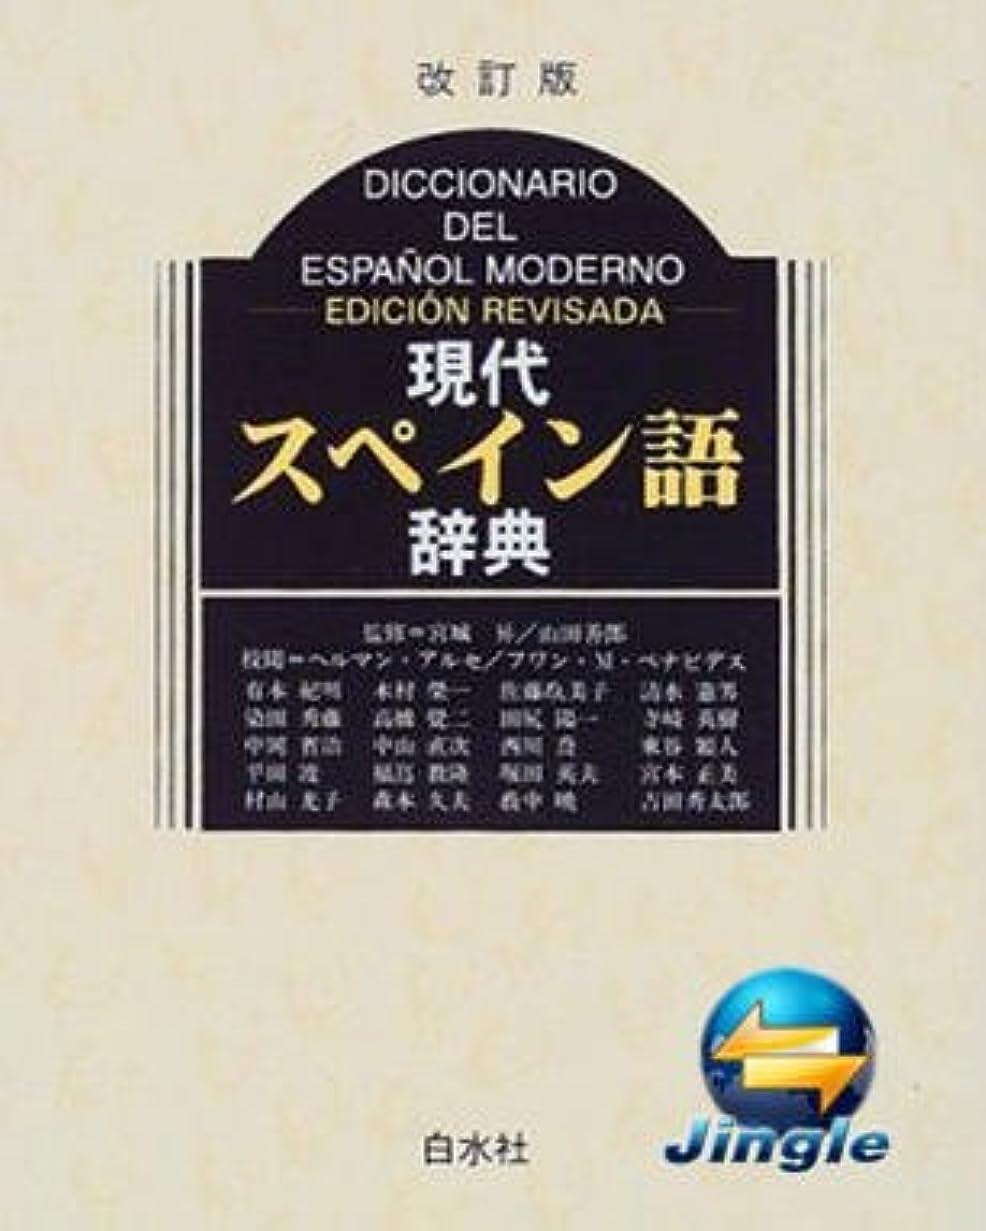 揮発性累計フリース白水社 現代スペイン語辞典~一般向け(ジングルソフト用)(ライセンス版)